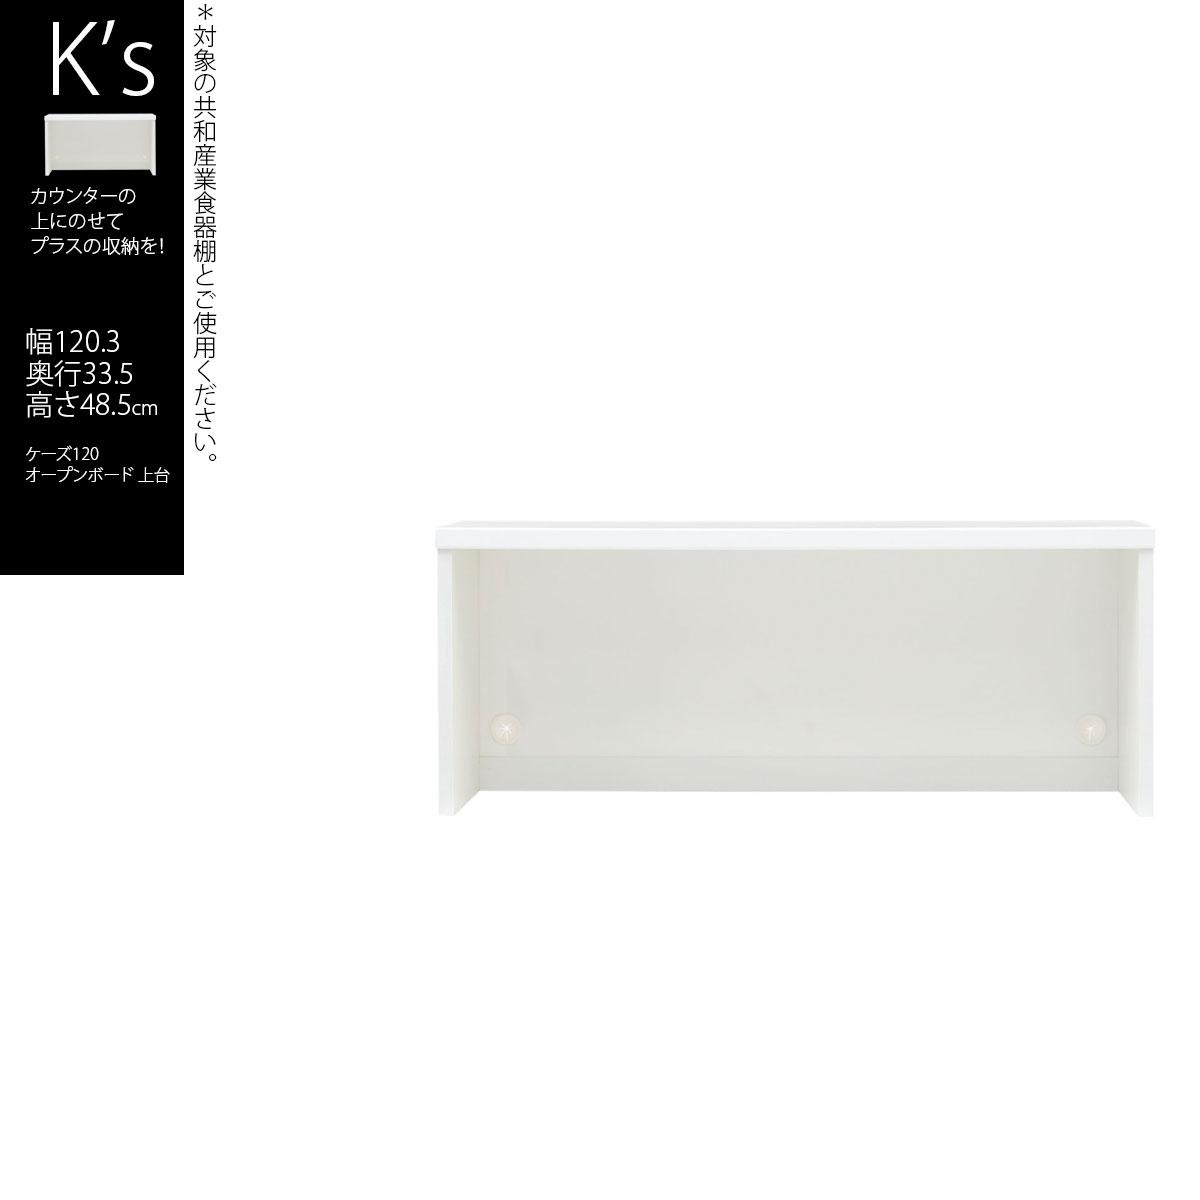 【本州、四国は開梱設置無料】 共和産業 ケーズ オープンボード キッチンカウンター 120 ホワイト【幅120.3cm】 日本製 国産